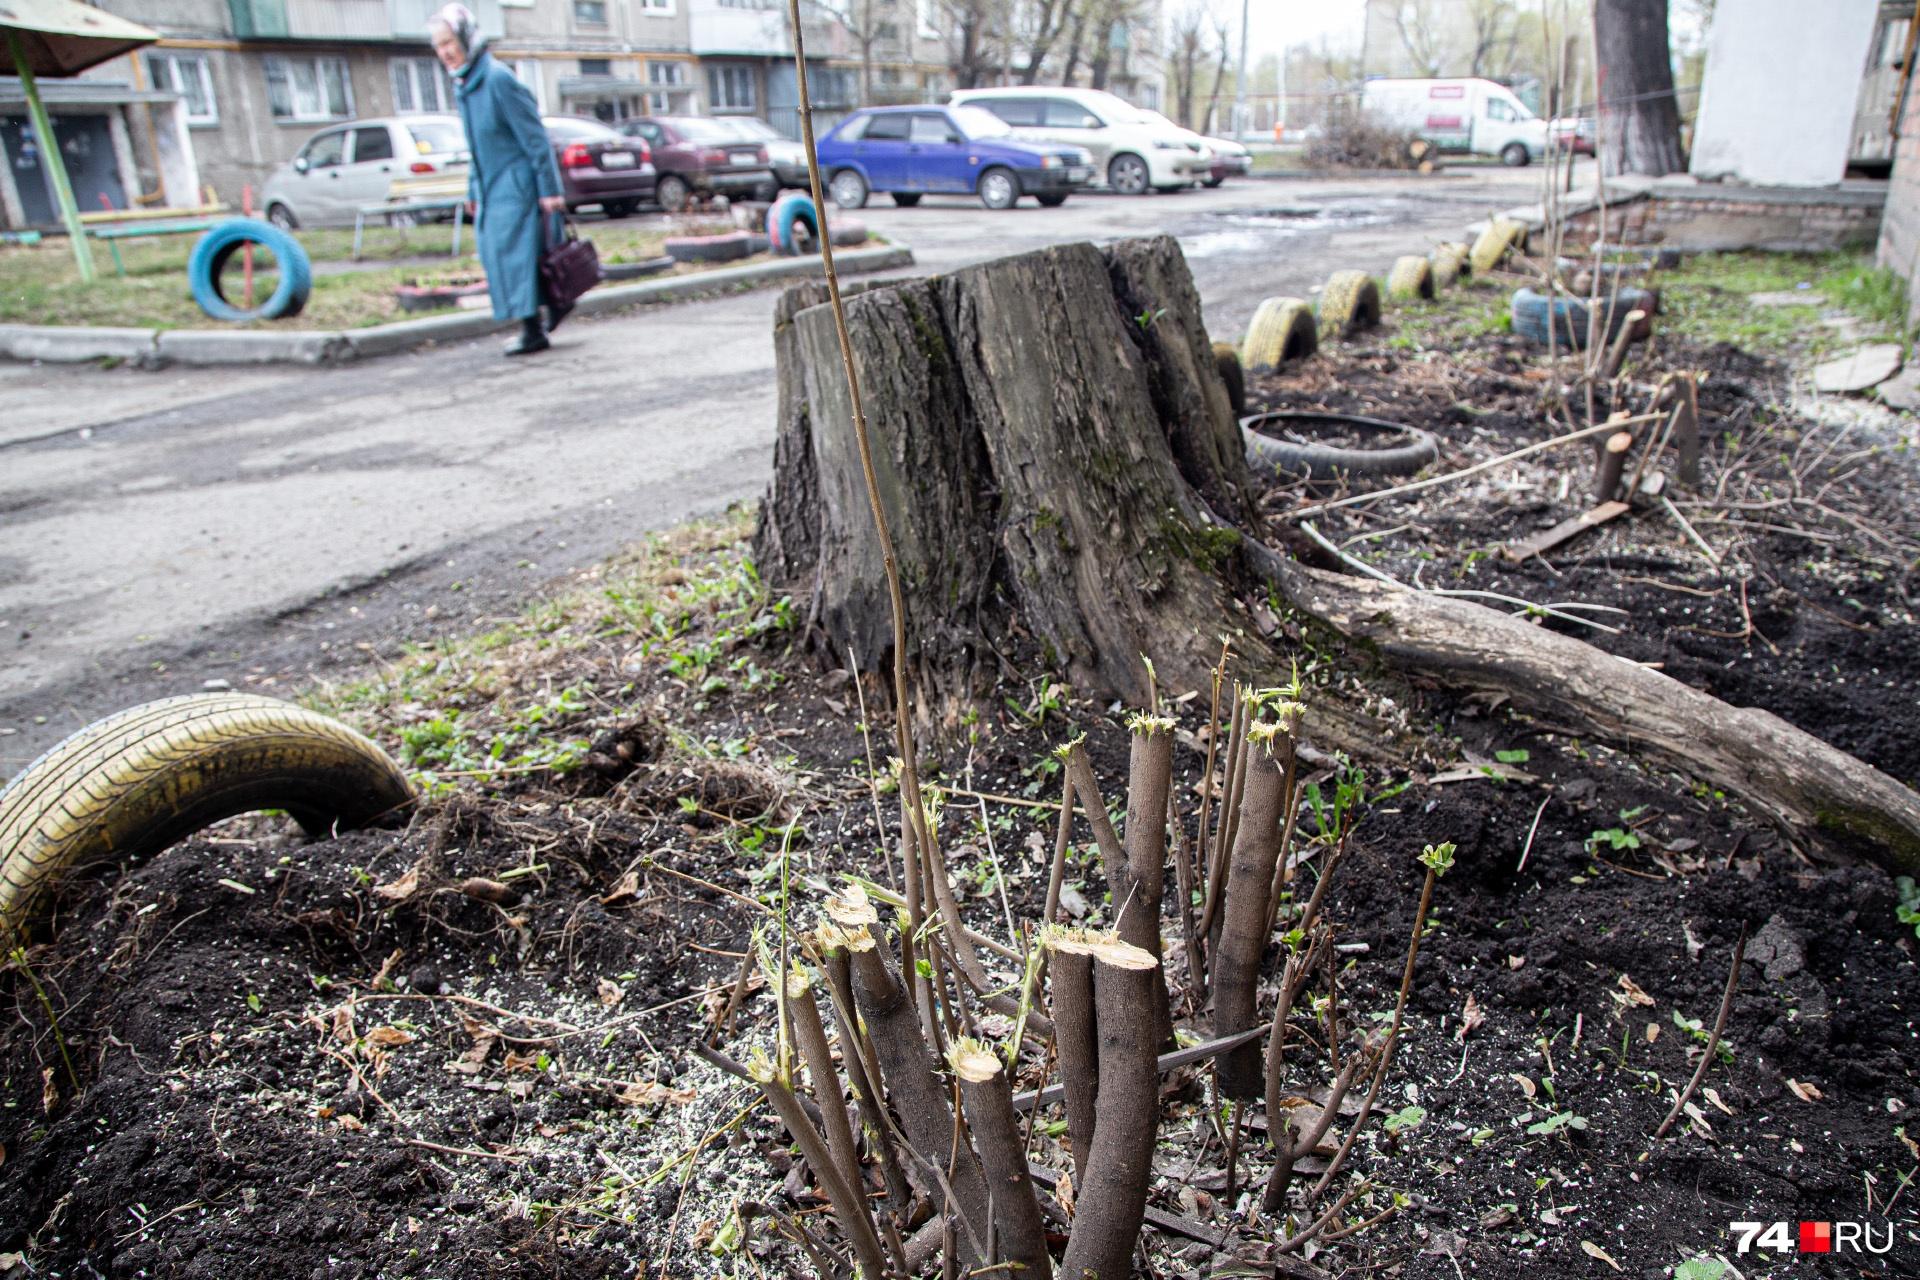 Во время вырубки пострадали три молодых кустарника